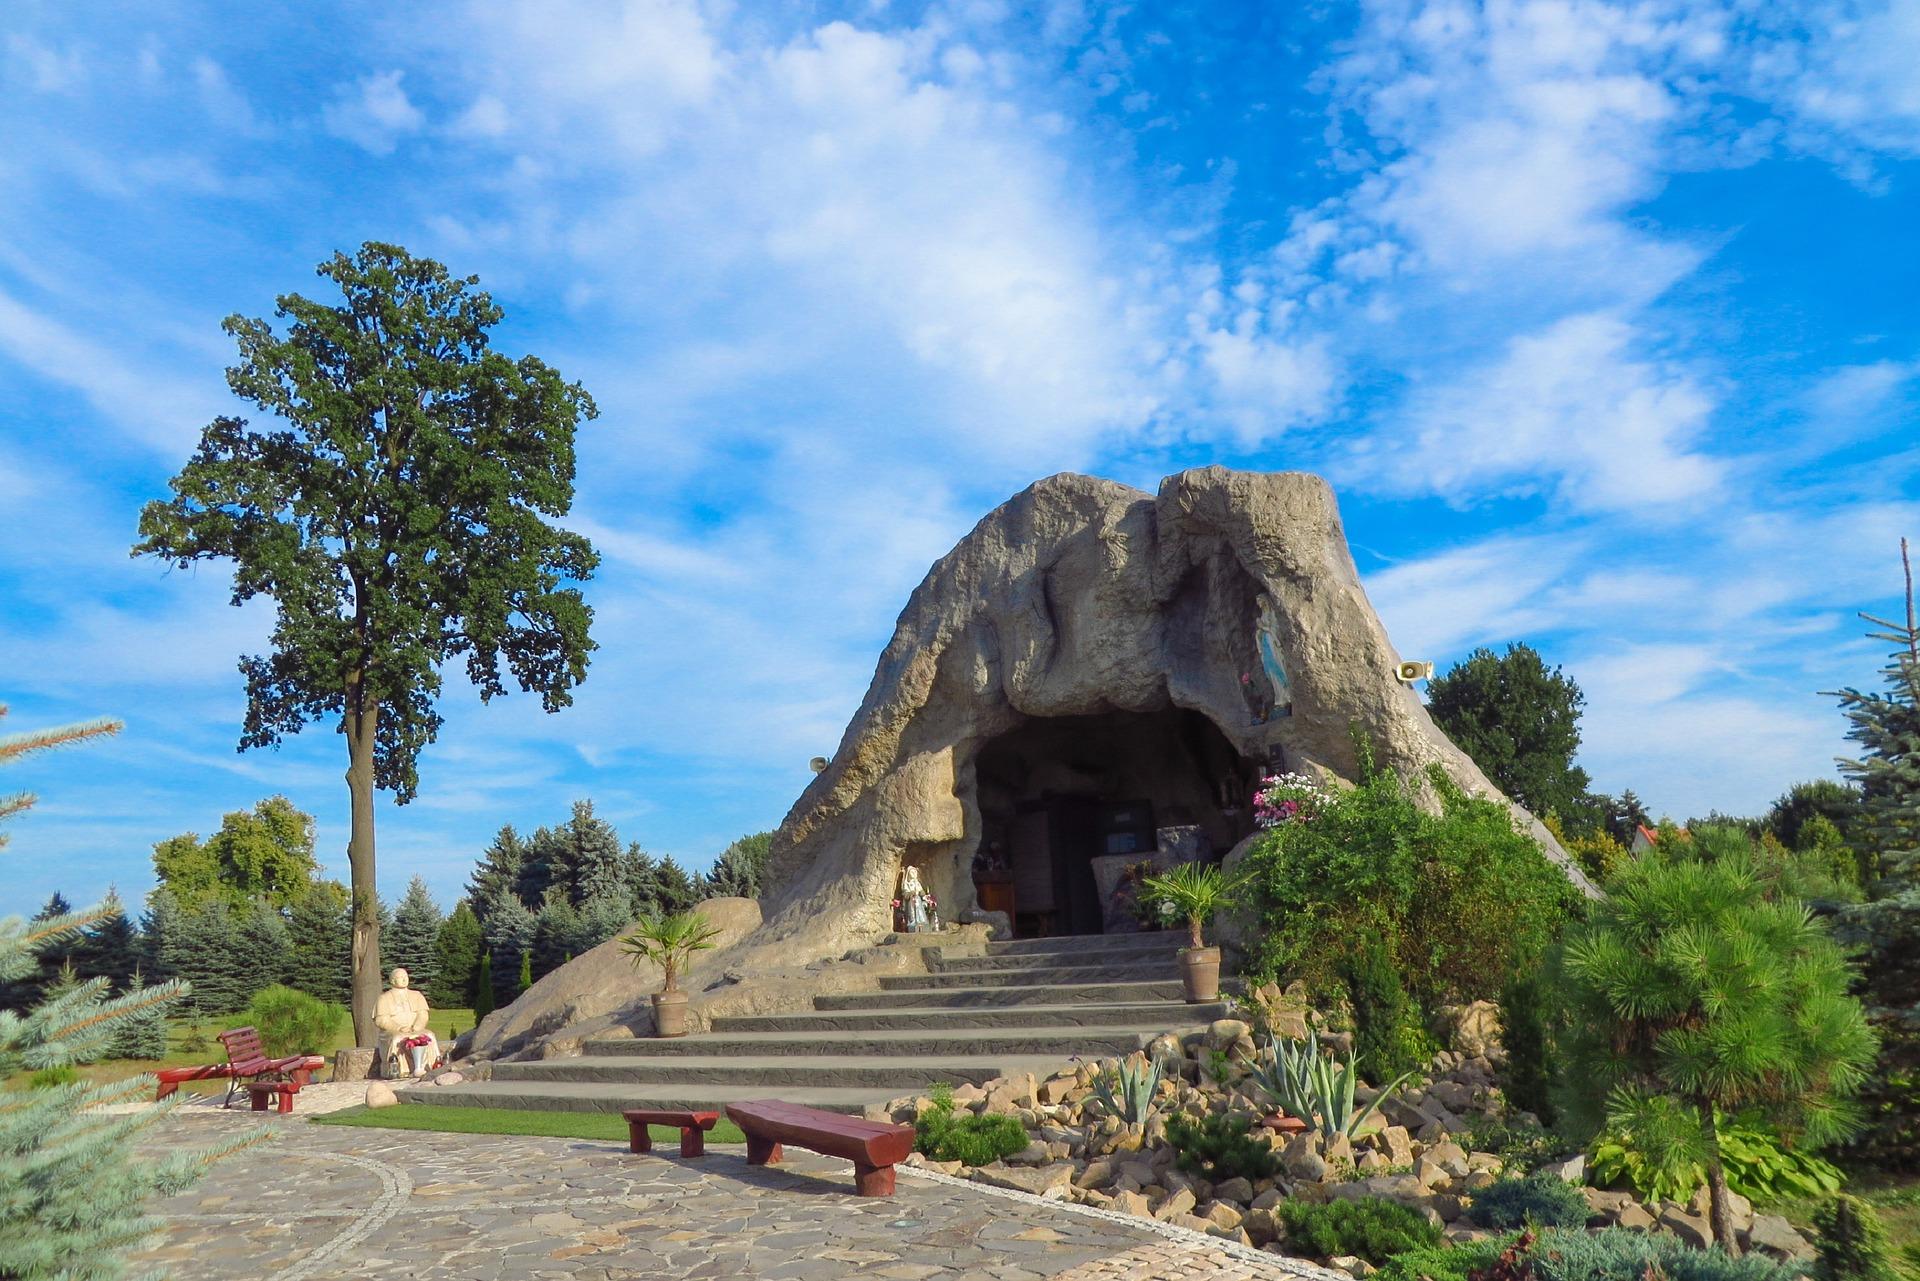 Pellegrinaggio Lourdes 2020 da torino: le date